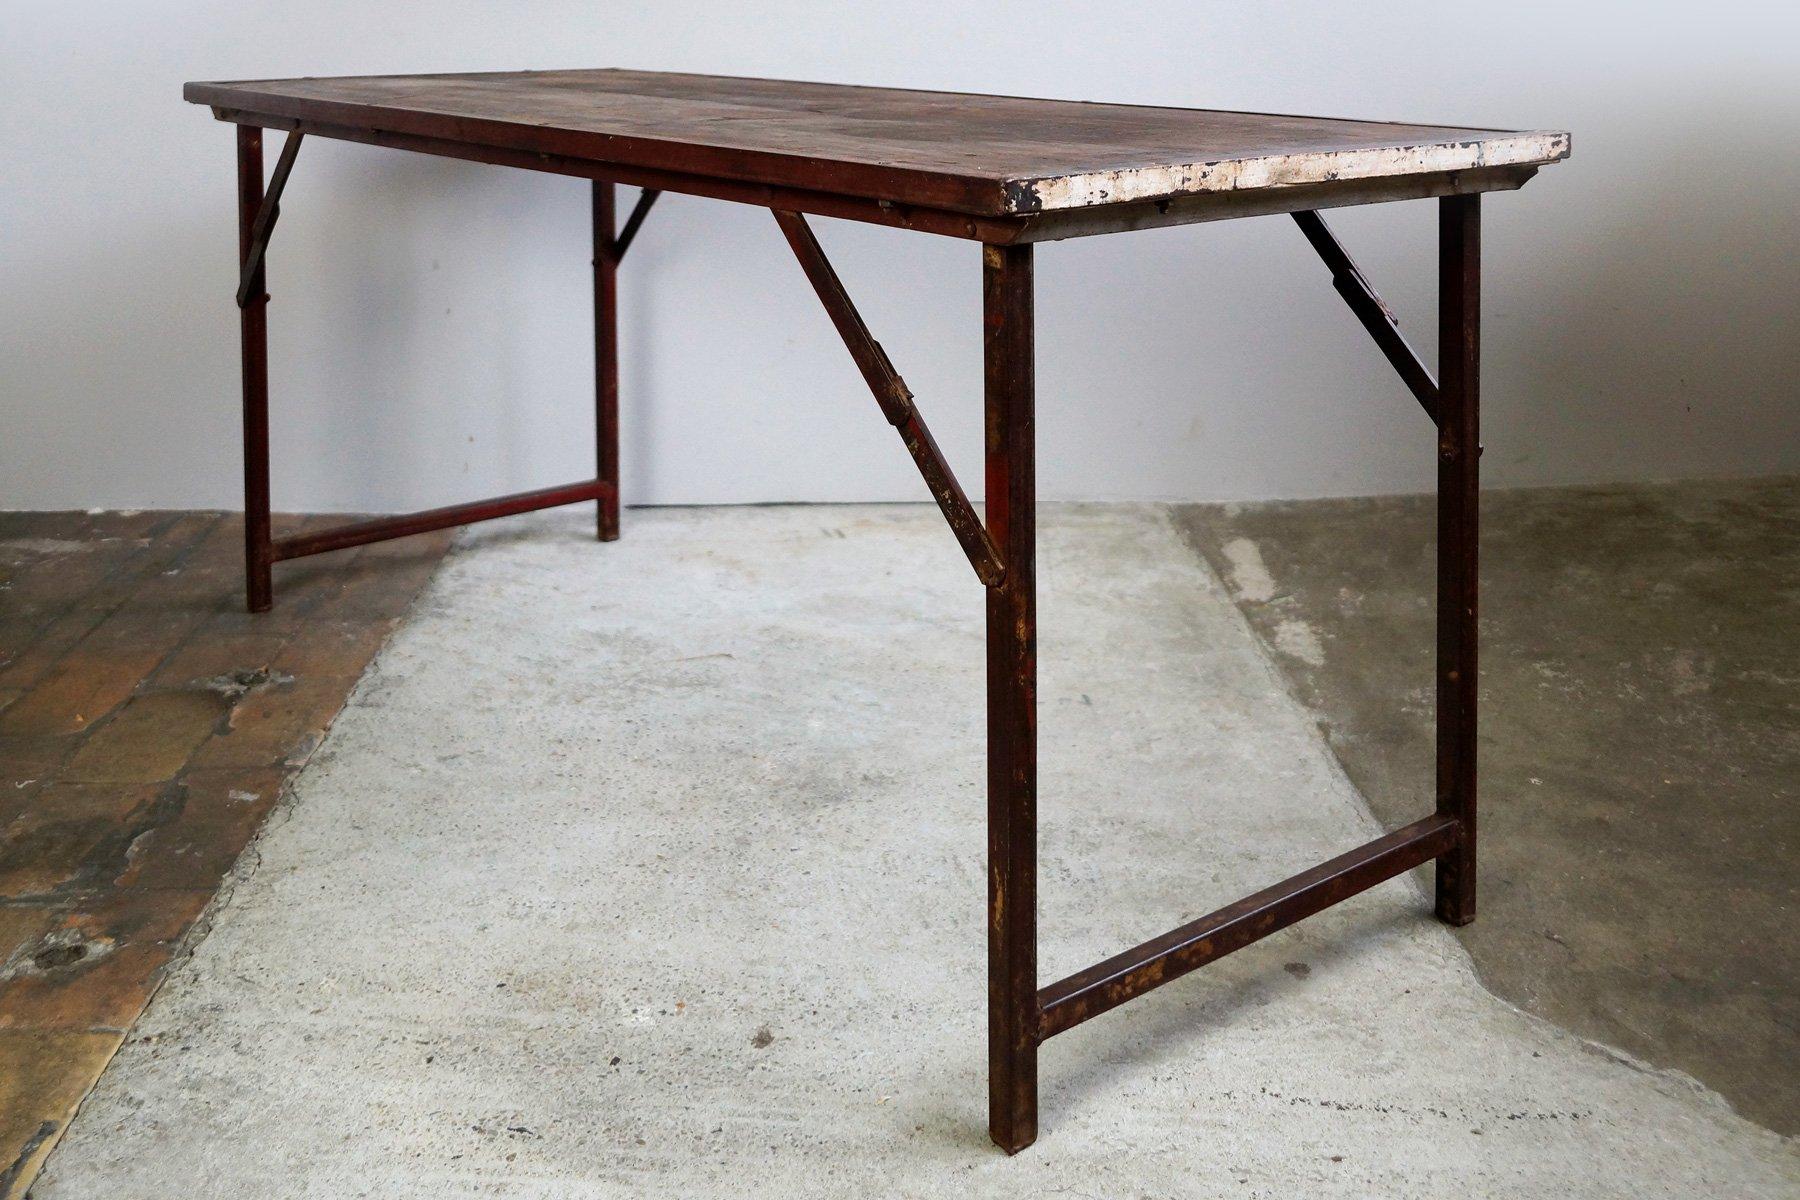 Tavolo da giardino industriale pieghevole india anni 39 50 in vendita su pamono - Tavolo giardino pieghevole ...